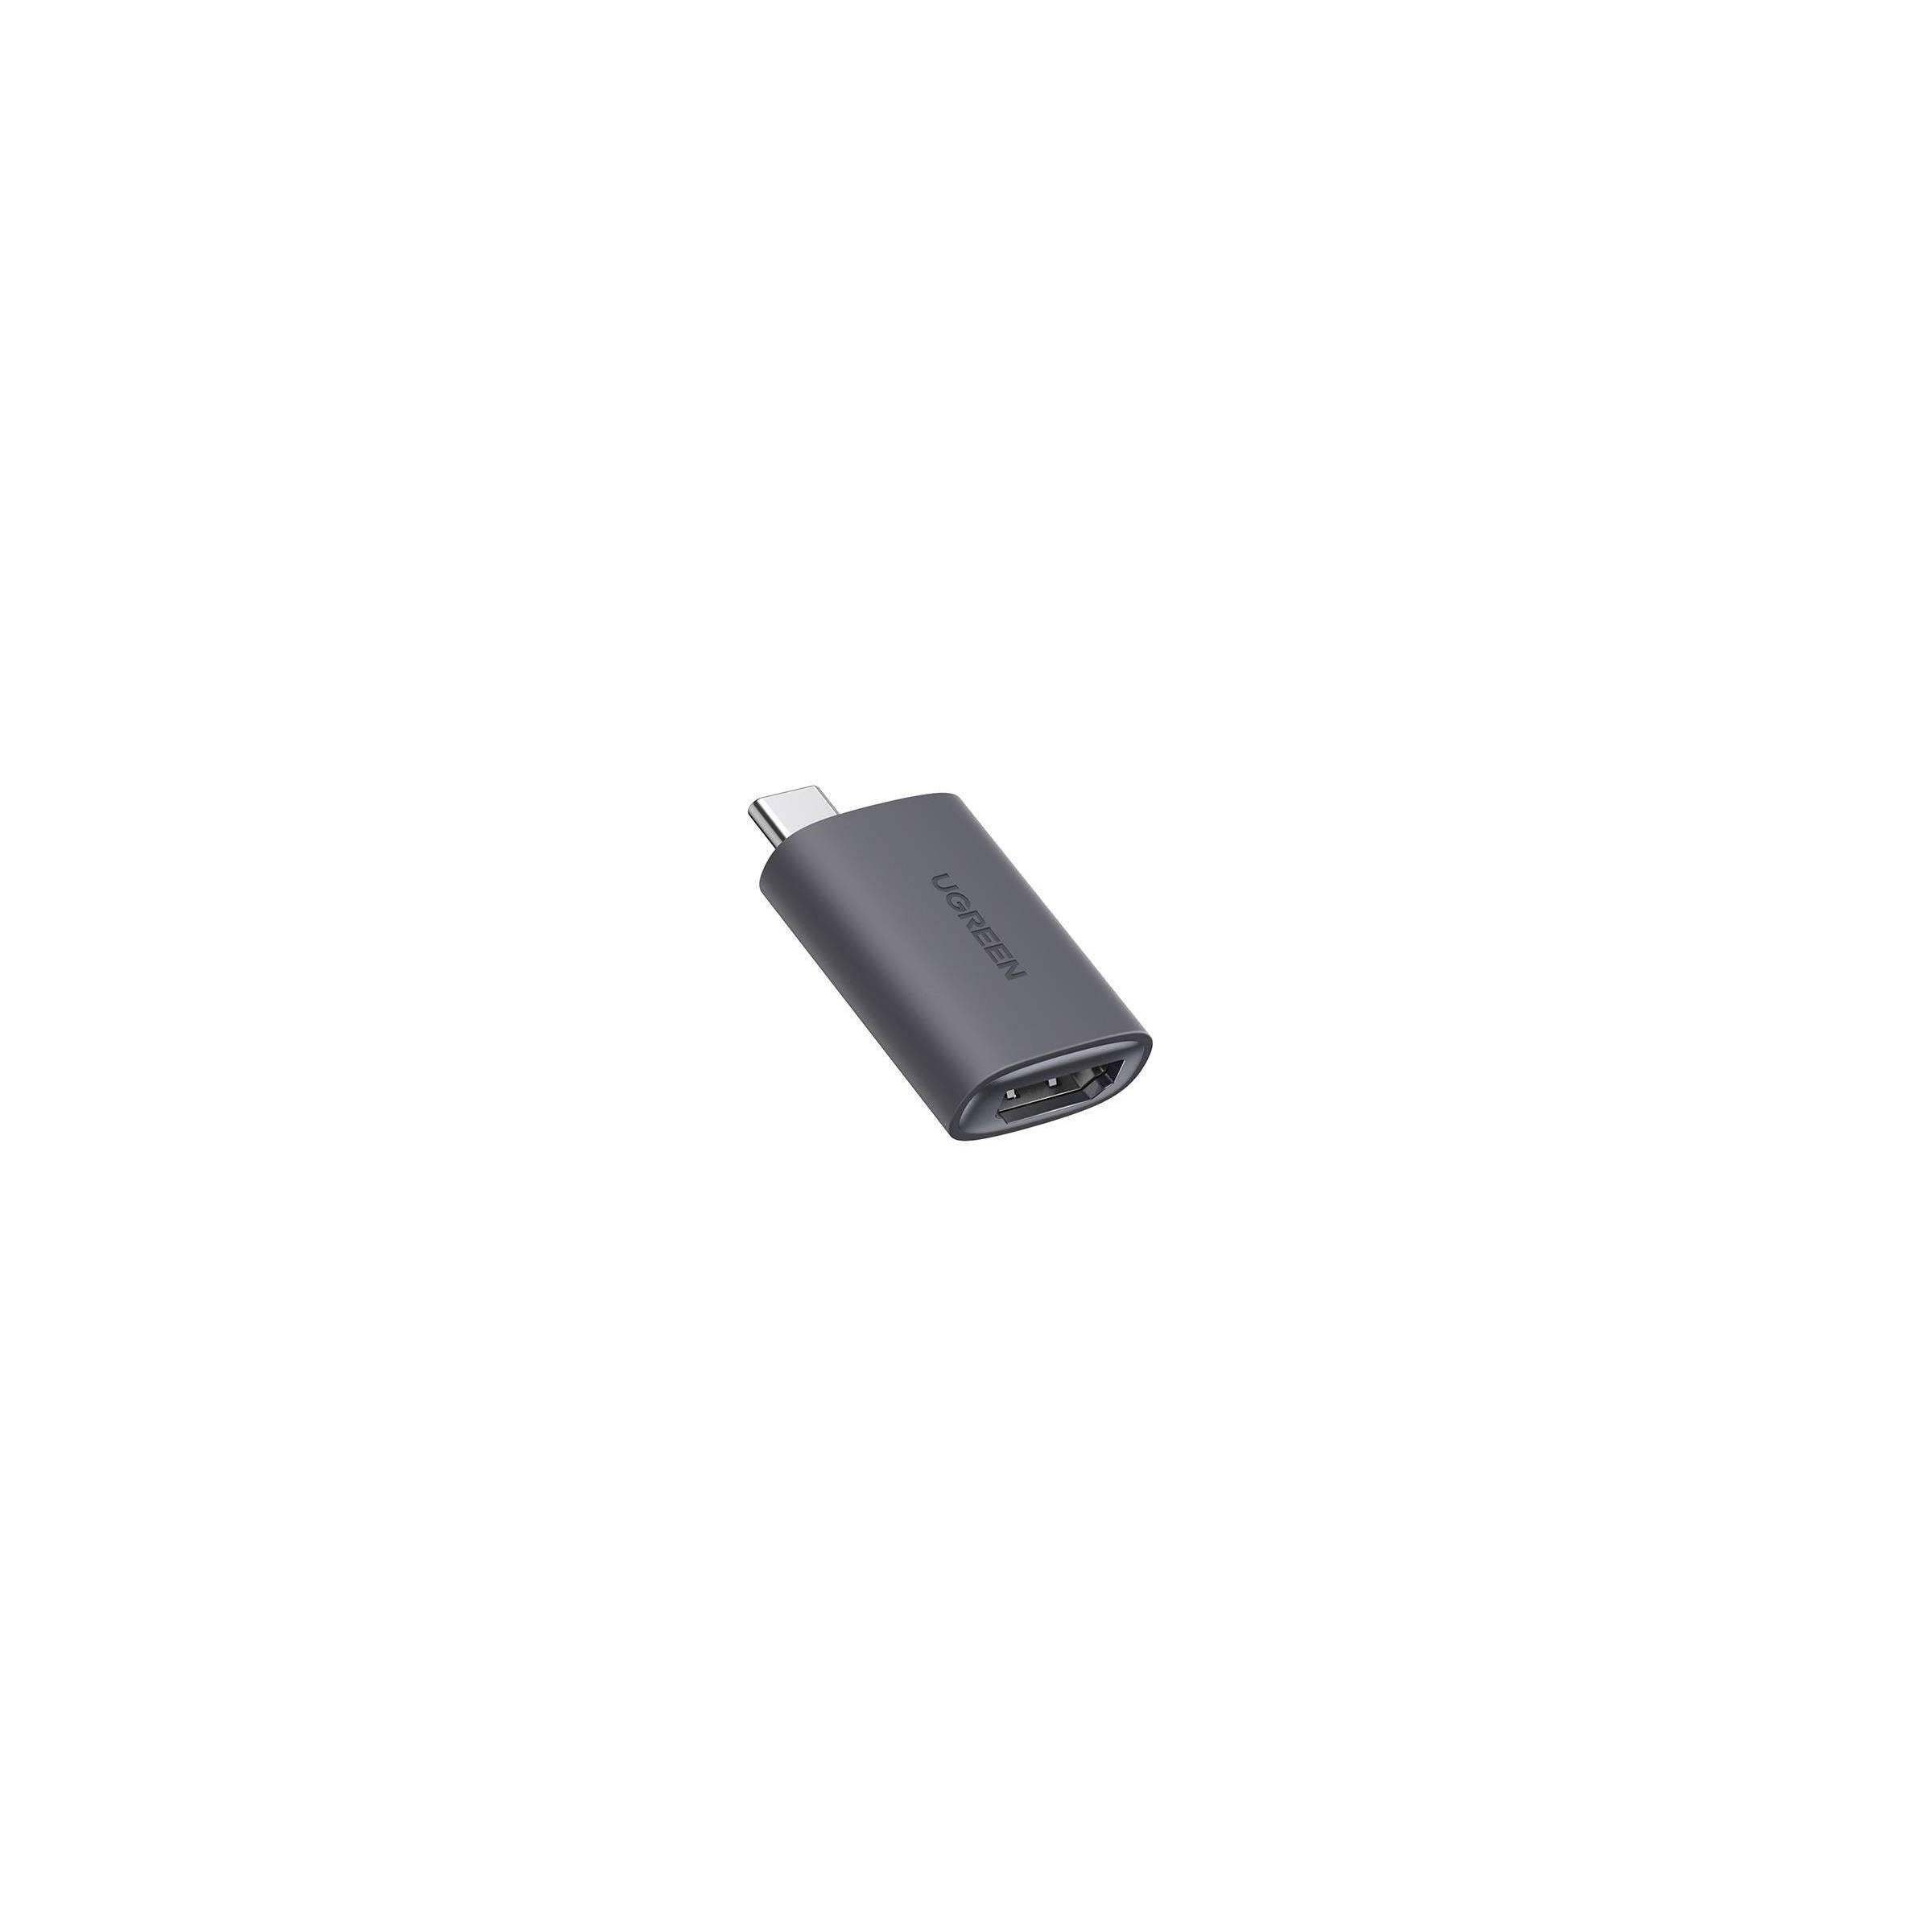 Mindste usb-c til hdmi adapter 4k@60hz ugreen fra ugreen på mackabler.dk